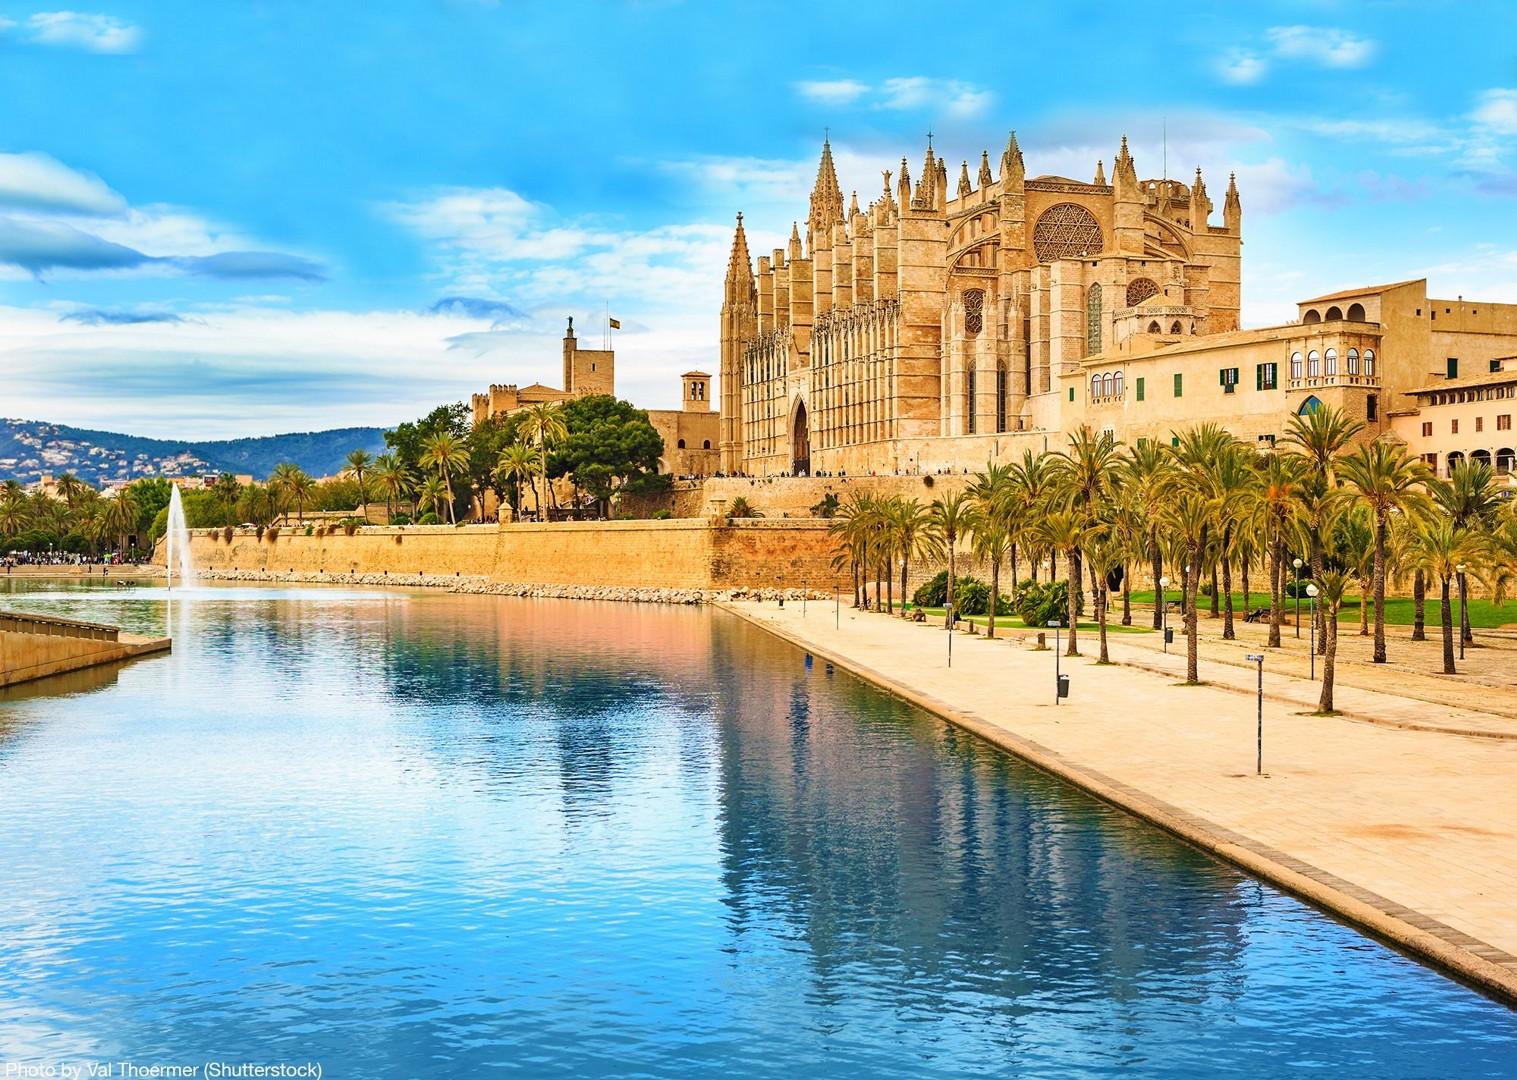 catedral-basílica-de-santa-maría-de-mallorca-self-guided-cycling-tour.jpg - Spain - Mallorca - Self-Guided Leisure Cycling Holiday - Leisure Cycling